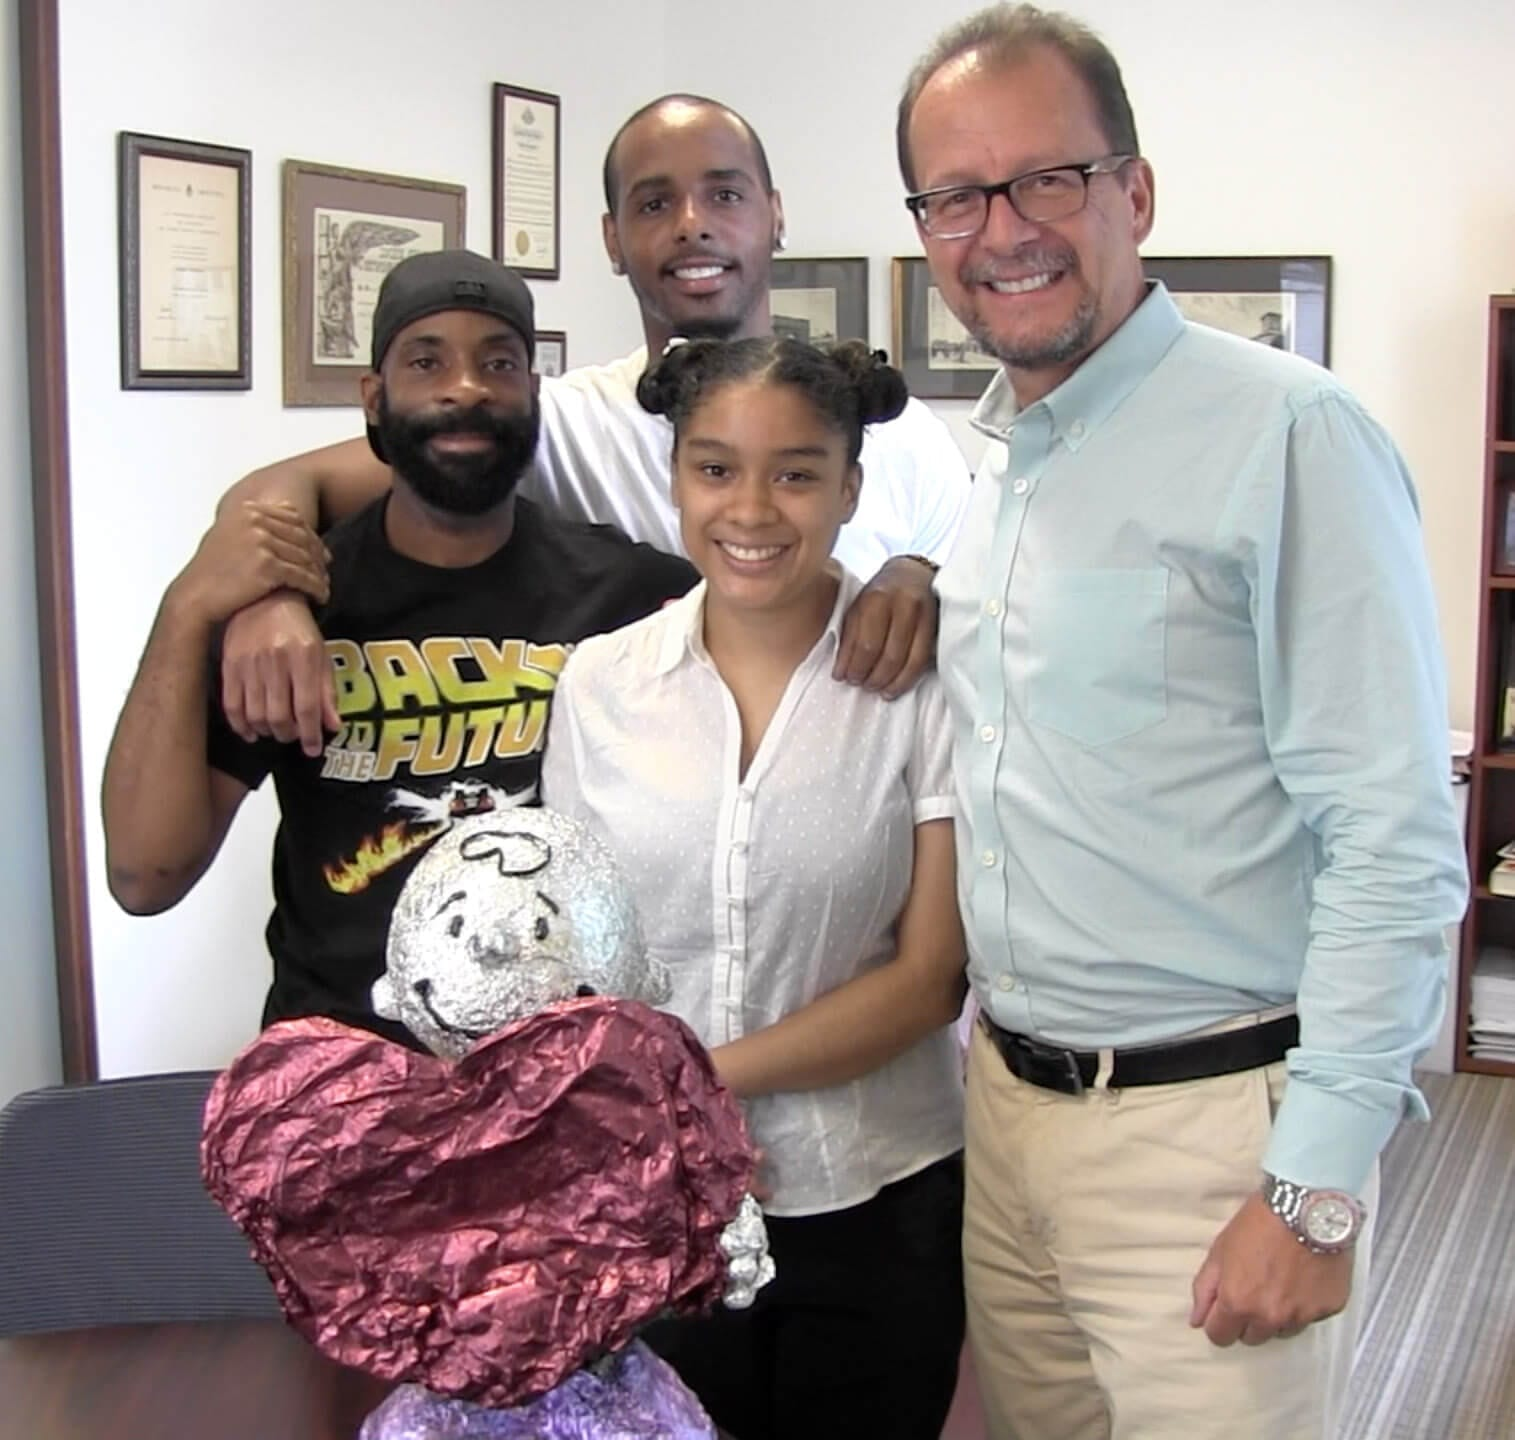 Art Consultant Dean Millien with CSP, Damian Gray and artist, Karaibe Hebbert